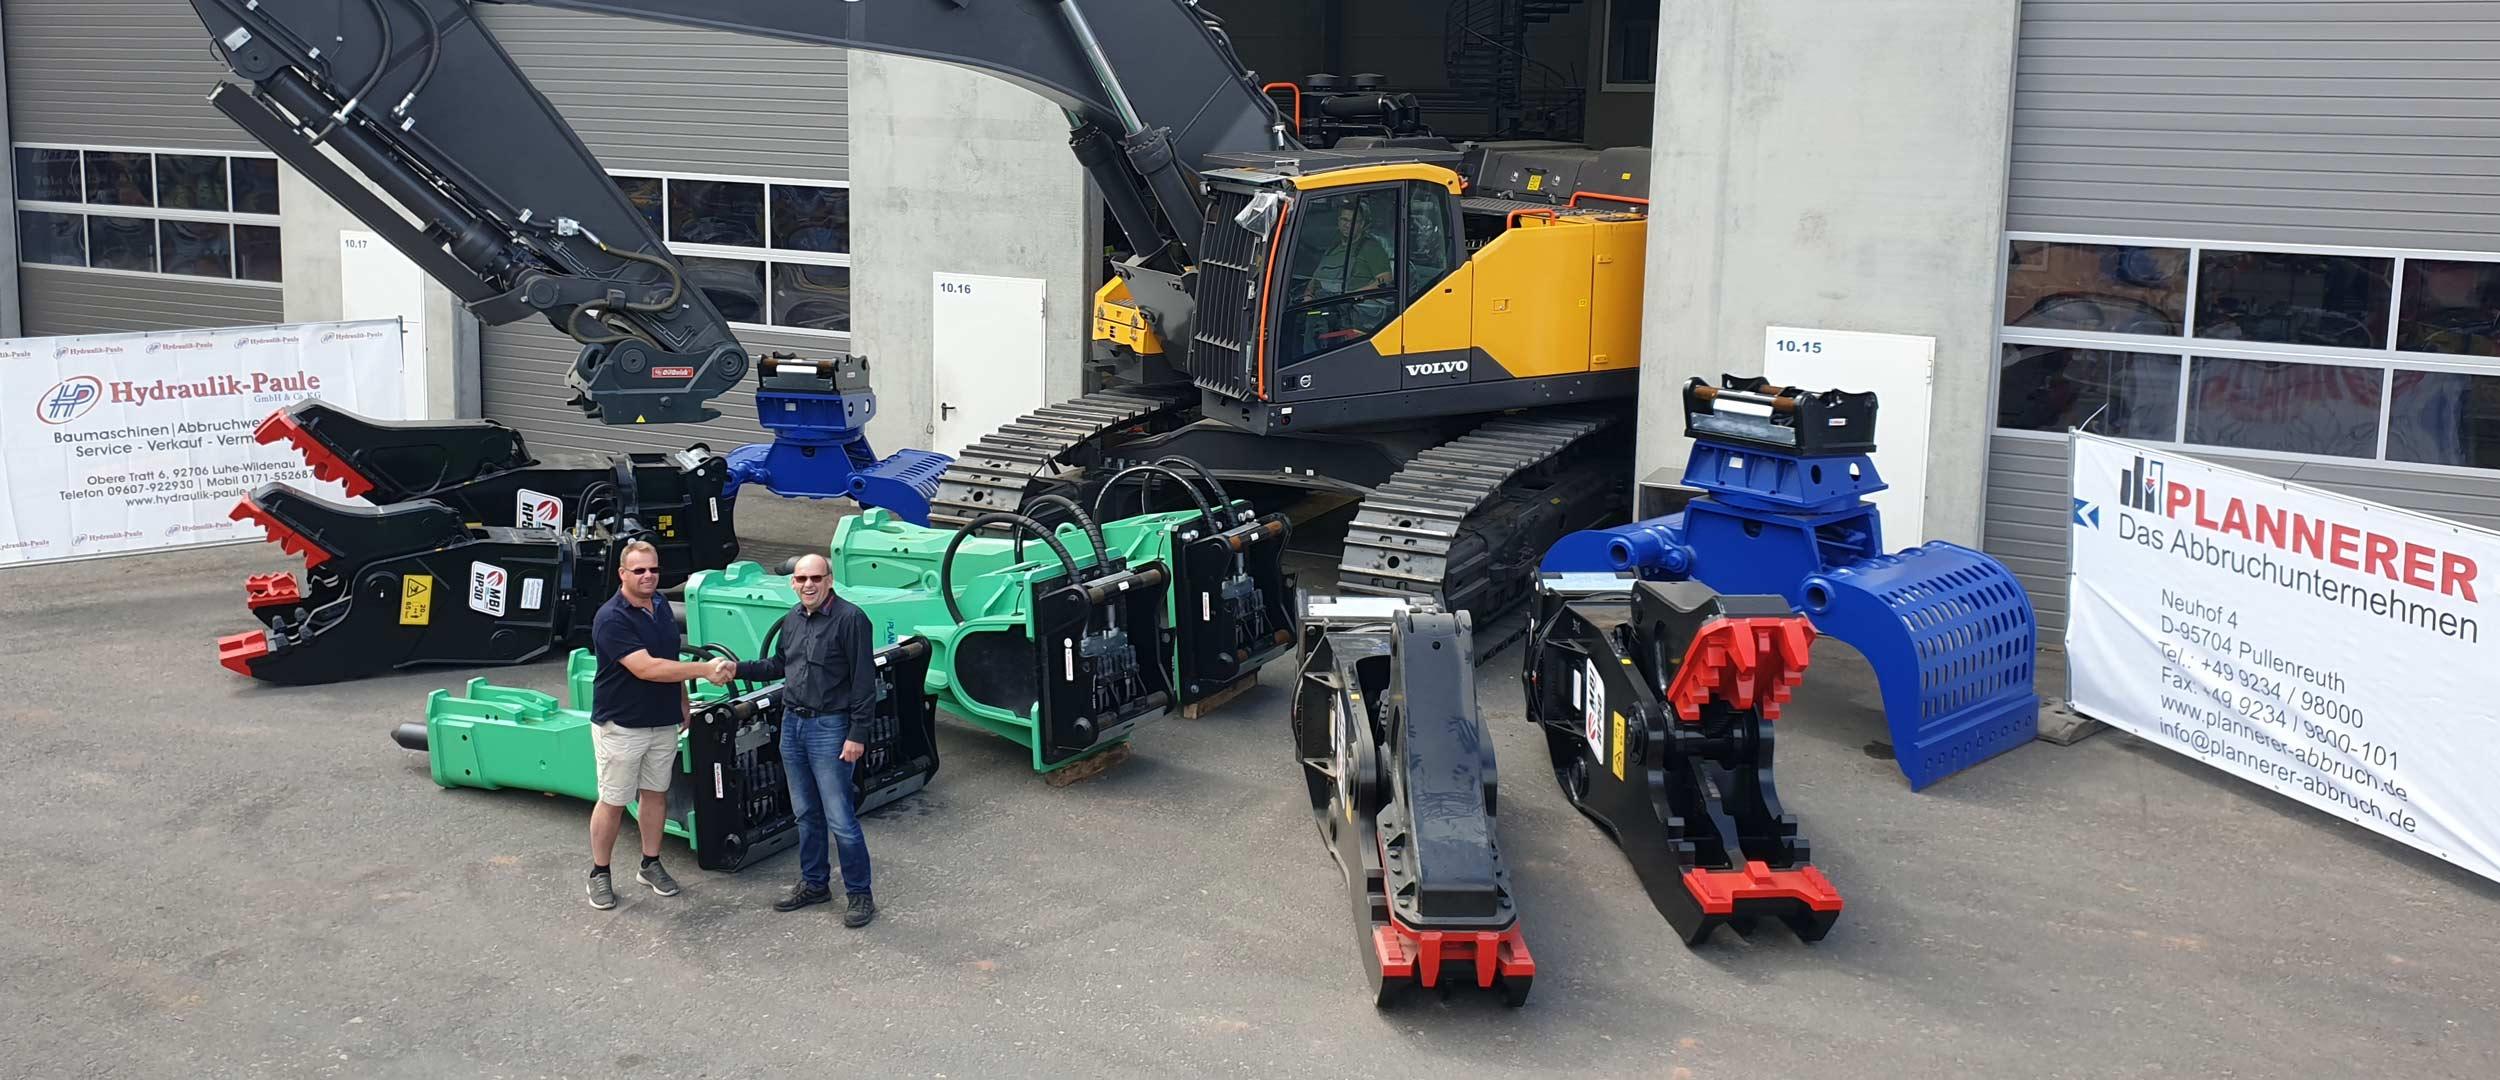 Übergabe von Abbruchwerkzeugen an die Firma Plannerer GmbH